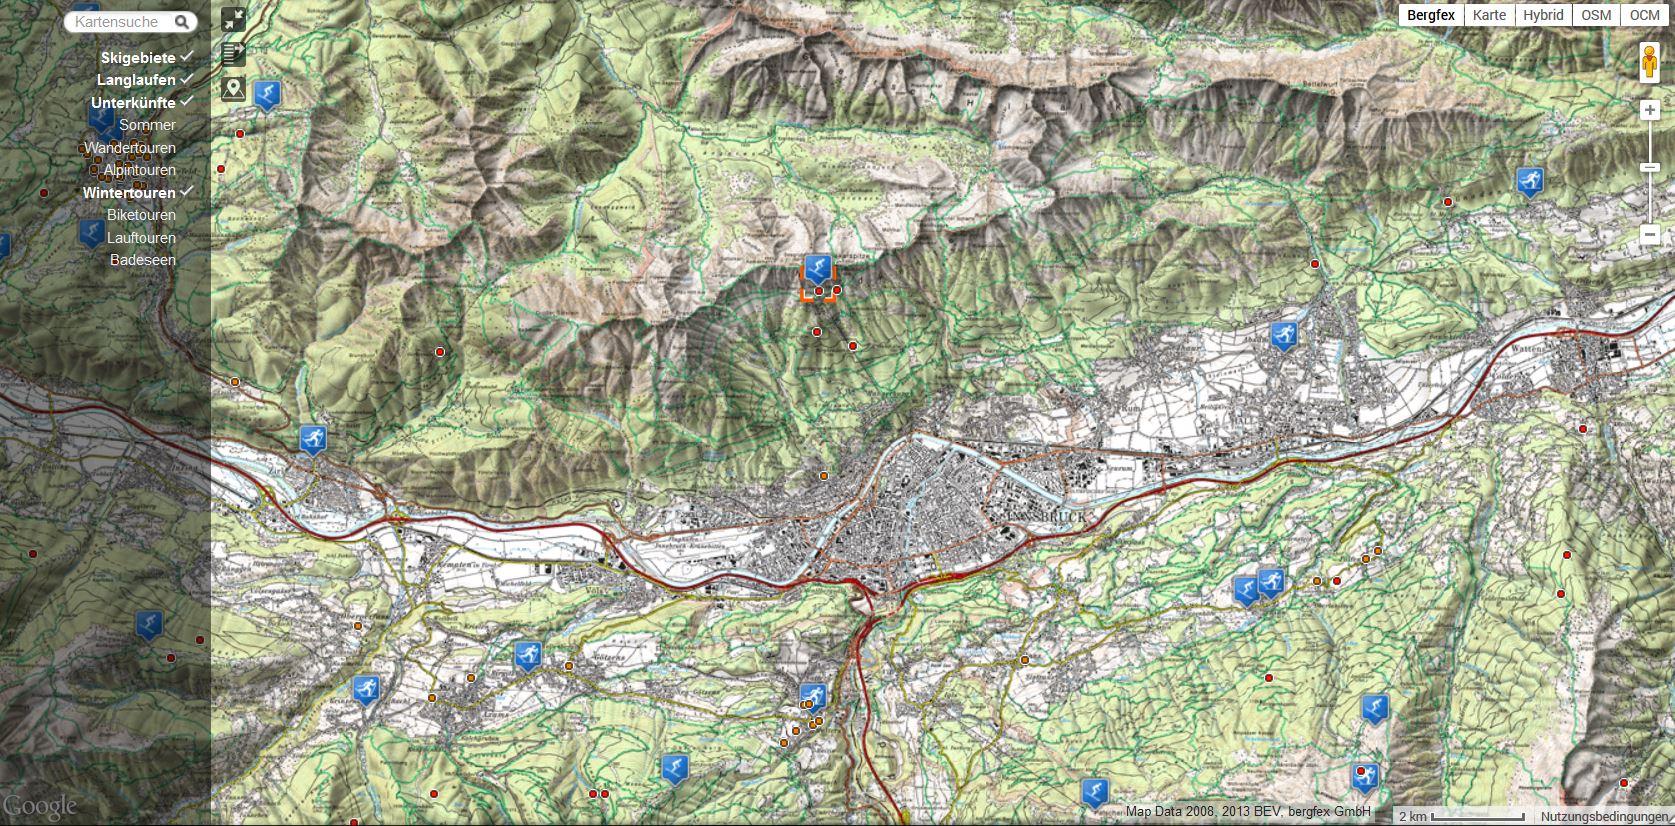 topografische Onlinekarten topografische karten online bergfex